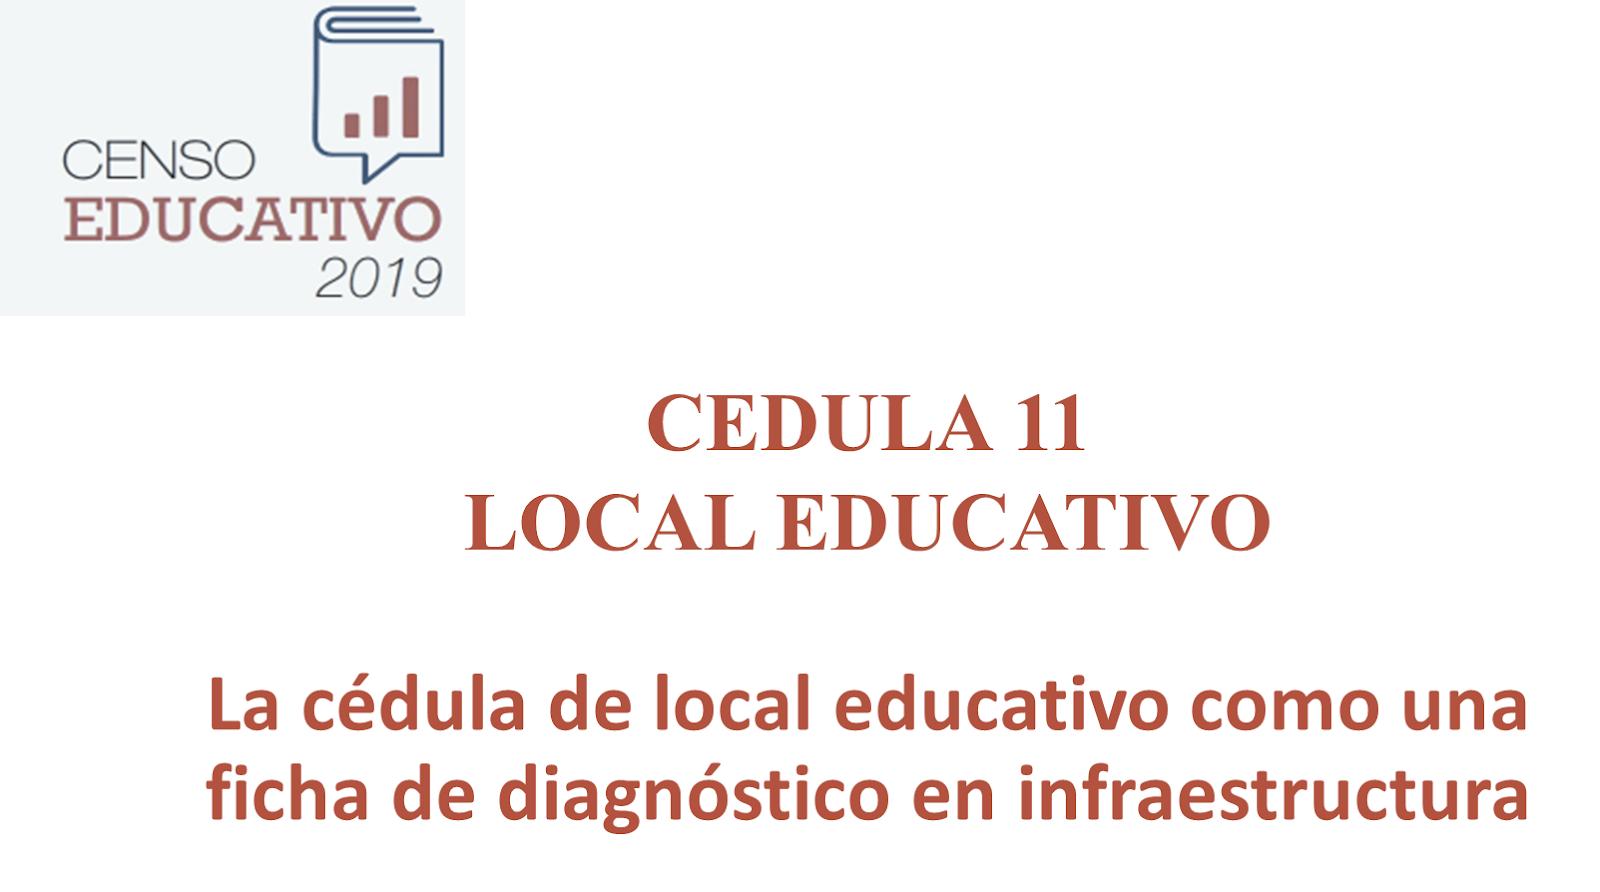 CENSO EDUCATIVO 2019 LOCAL EDUCATIVO